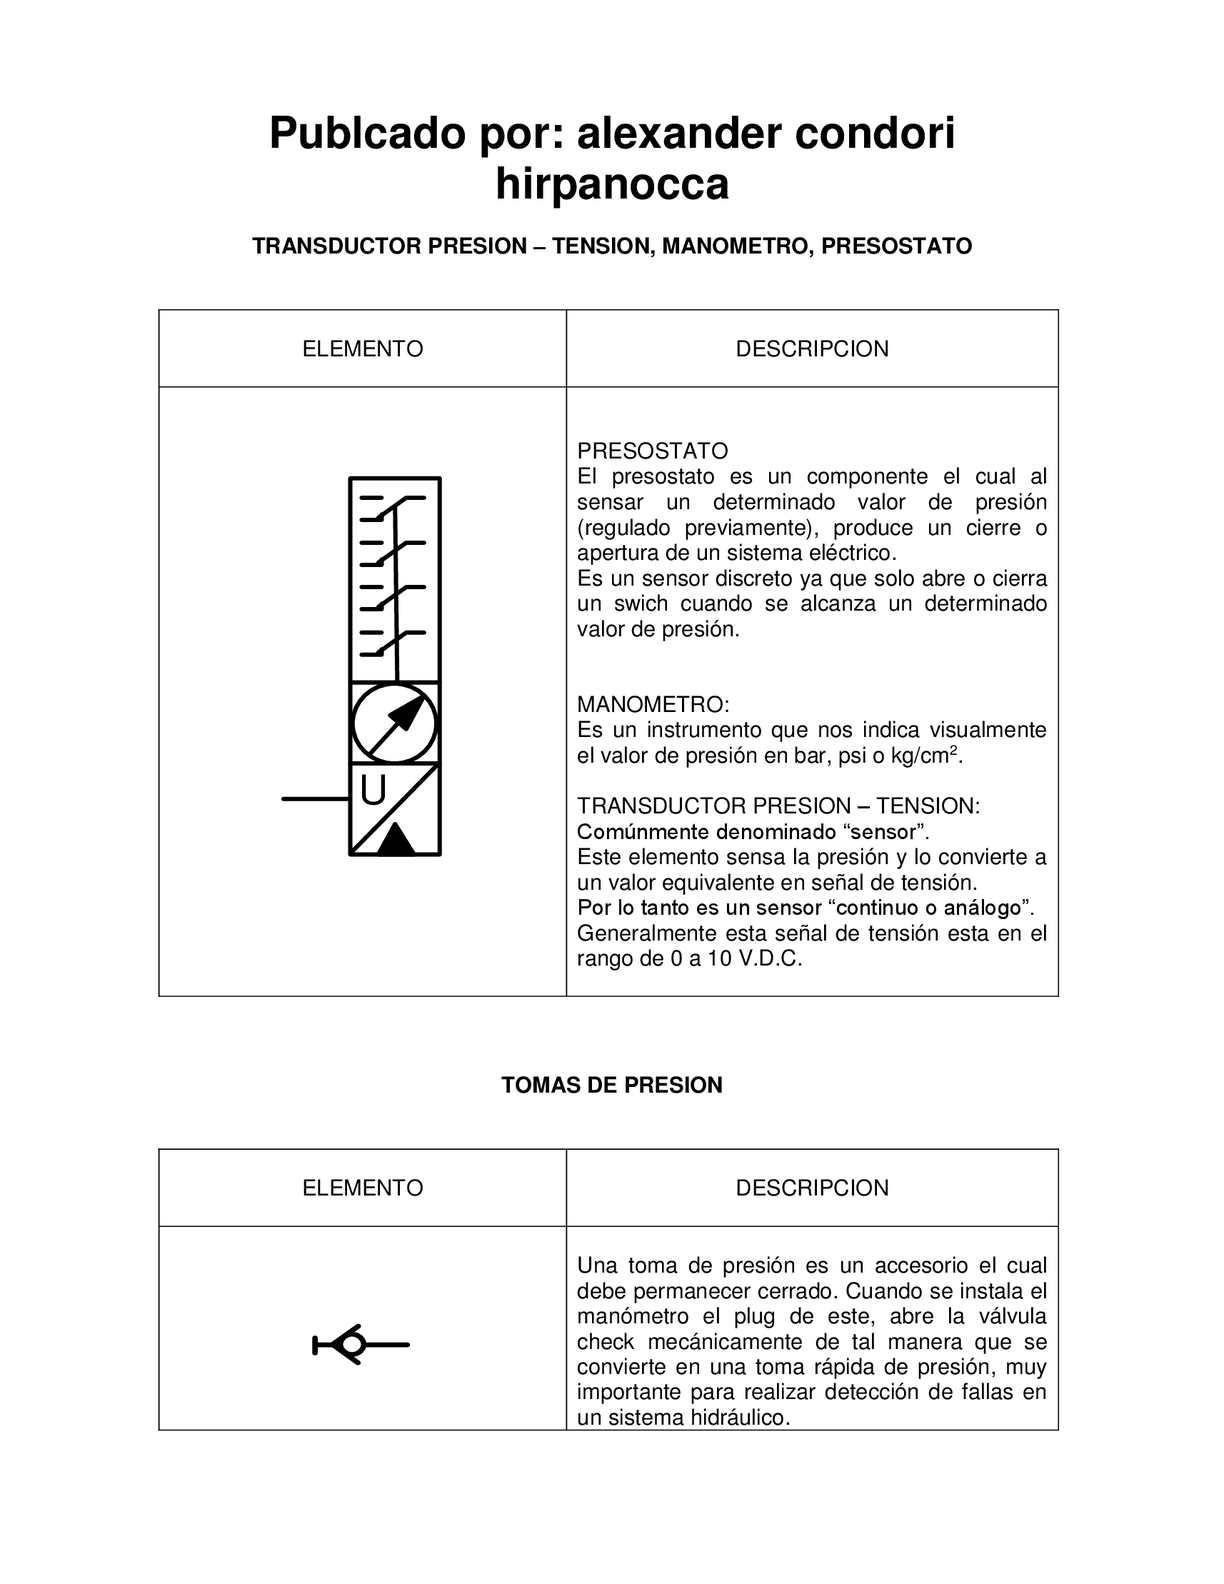 Tipos de fallas en sistemas hidráulicos